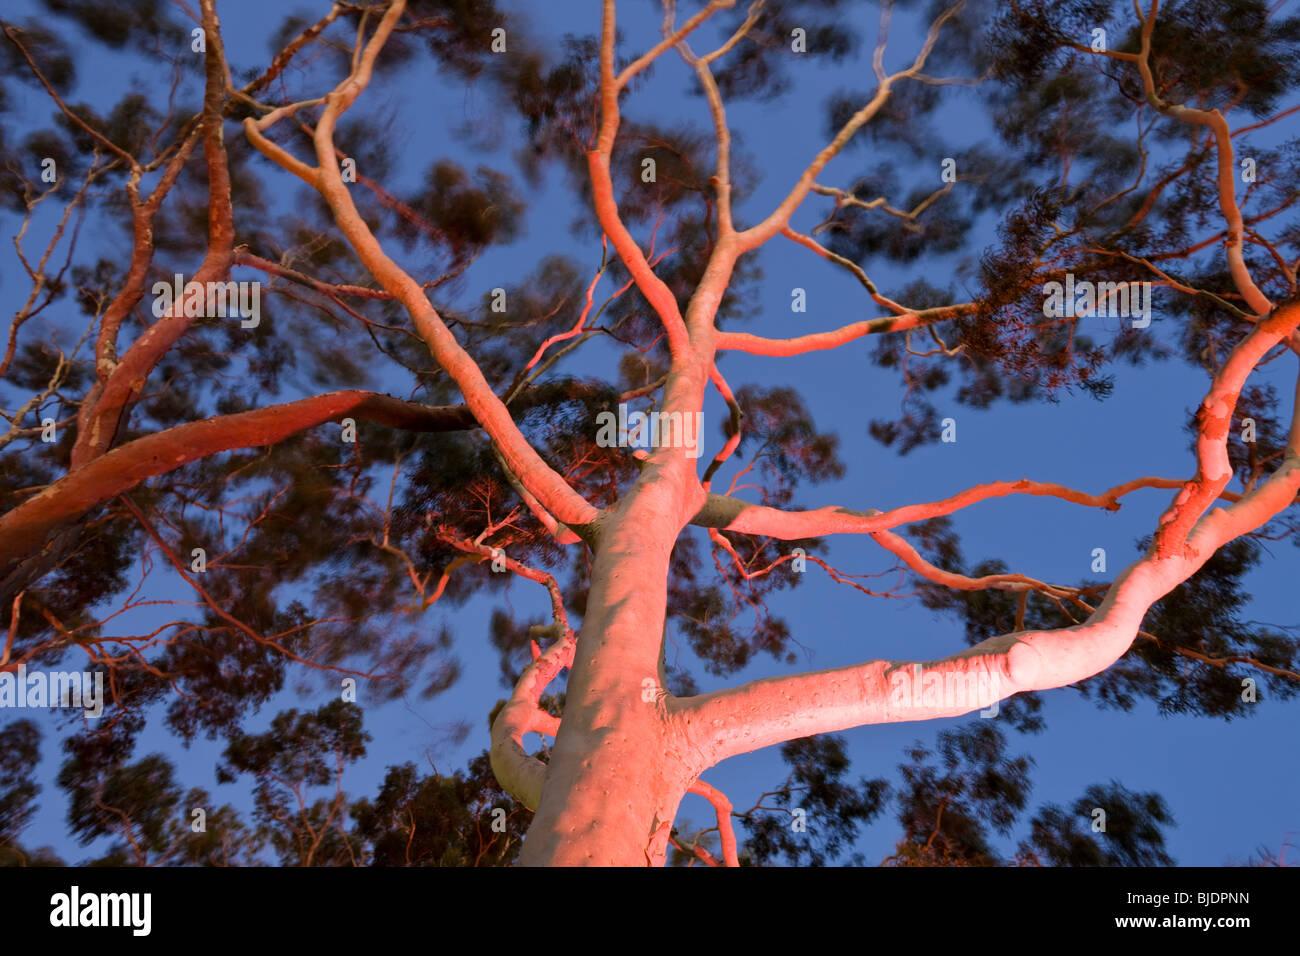 Coppia di limone gomma profumati alberi di eucalipto citriodora in Kings Park Perth Western Australia, Australia Immagini Stock